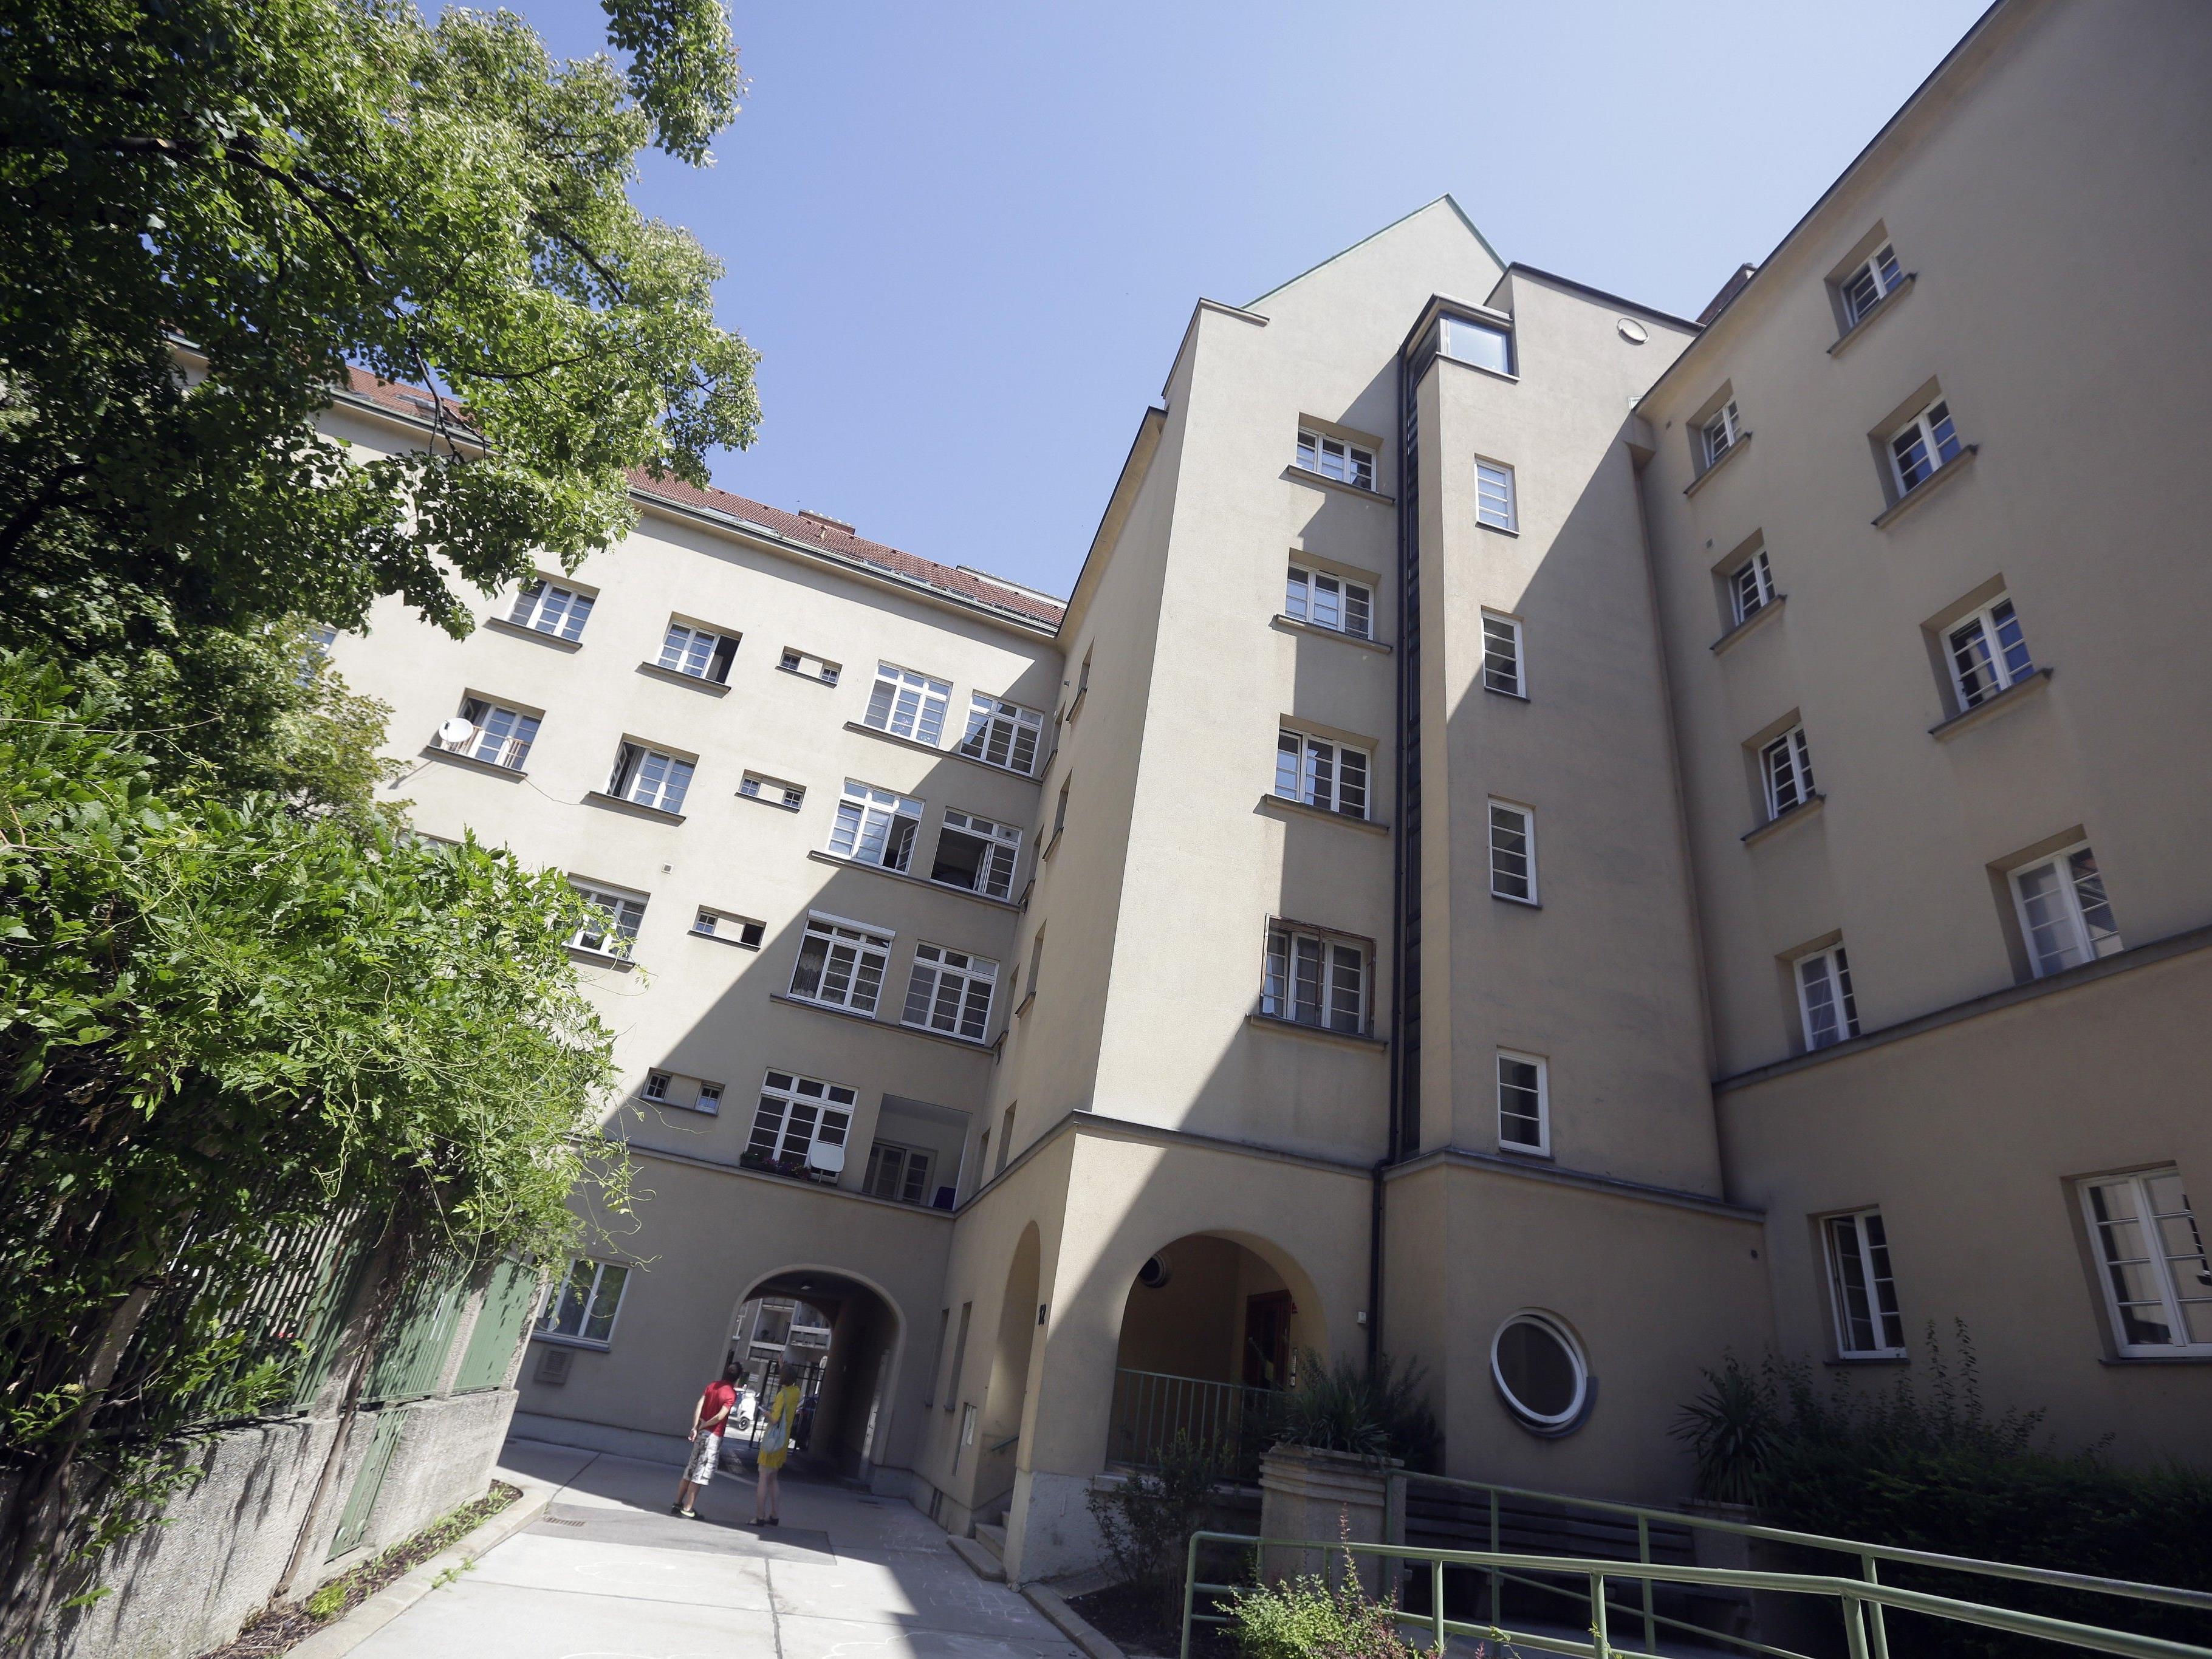 In Wiens Gemeindebauten werden die Gasleitungen überprüft.